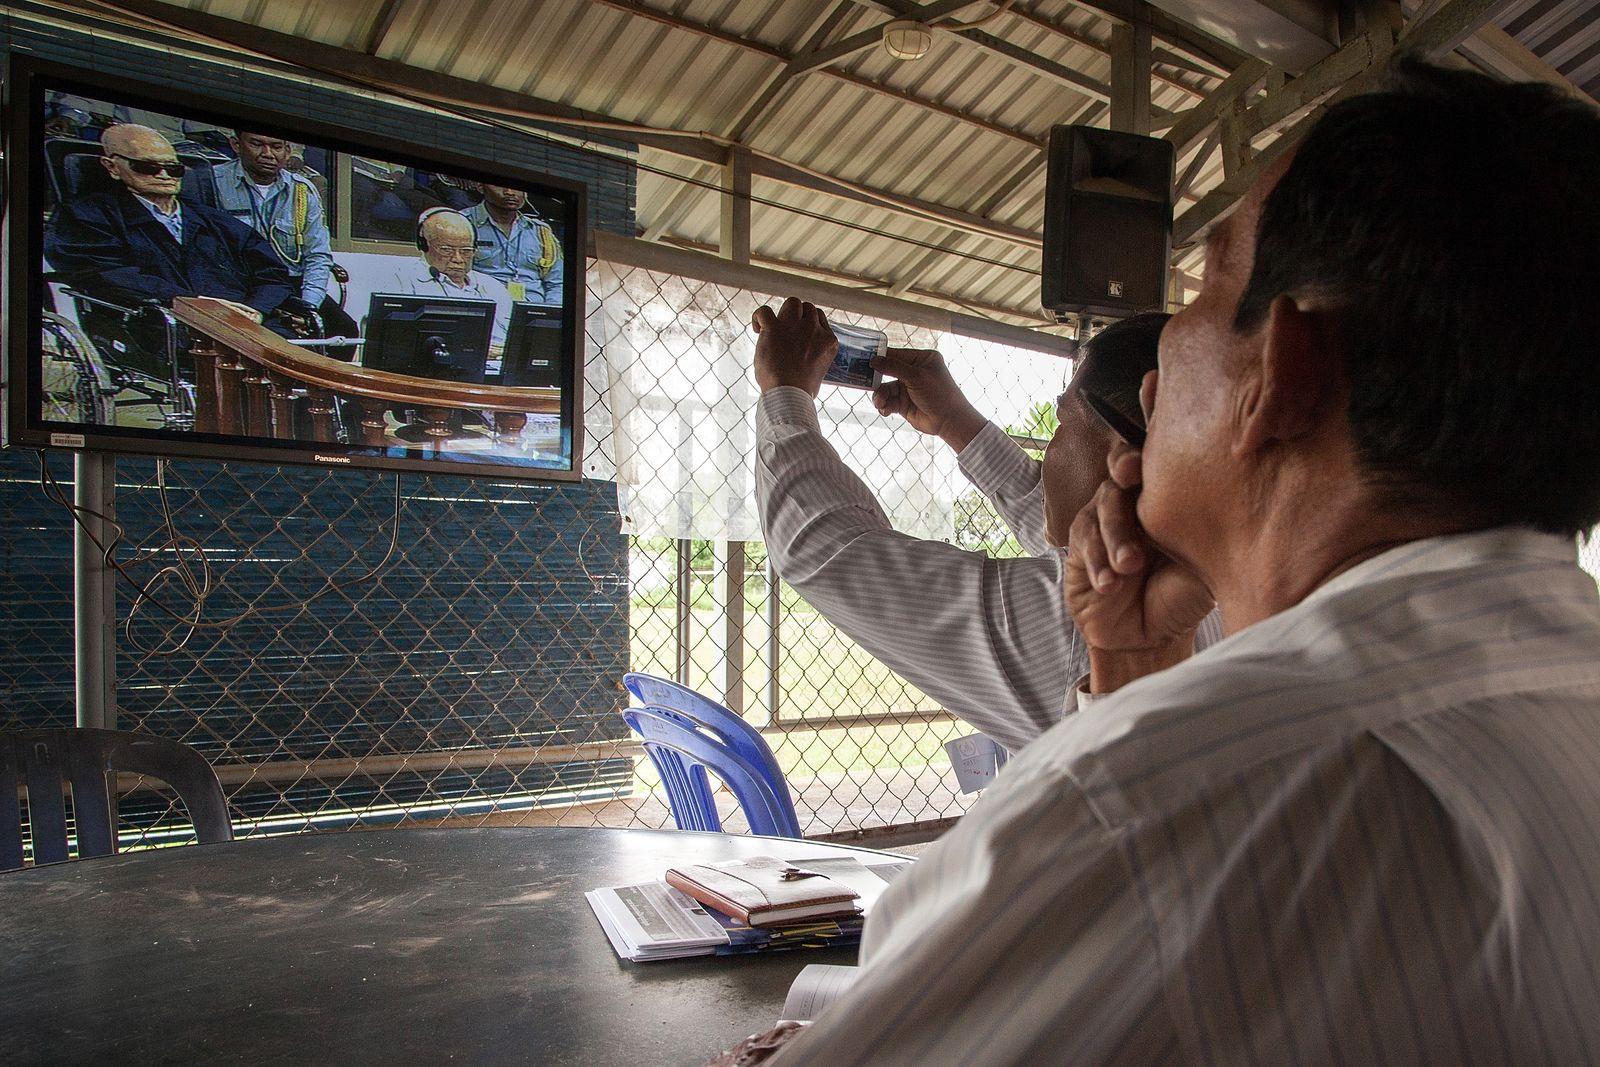 Kambdoscha Rote Khmer Urteil